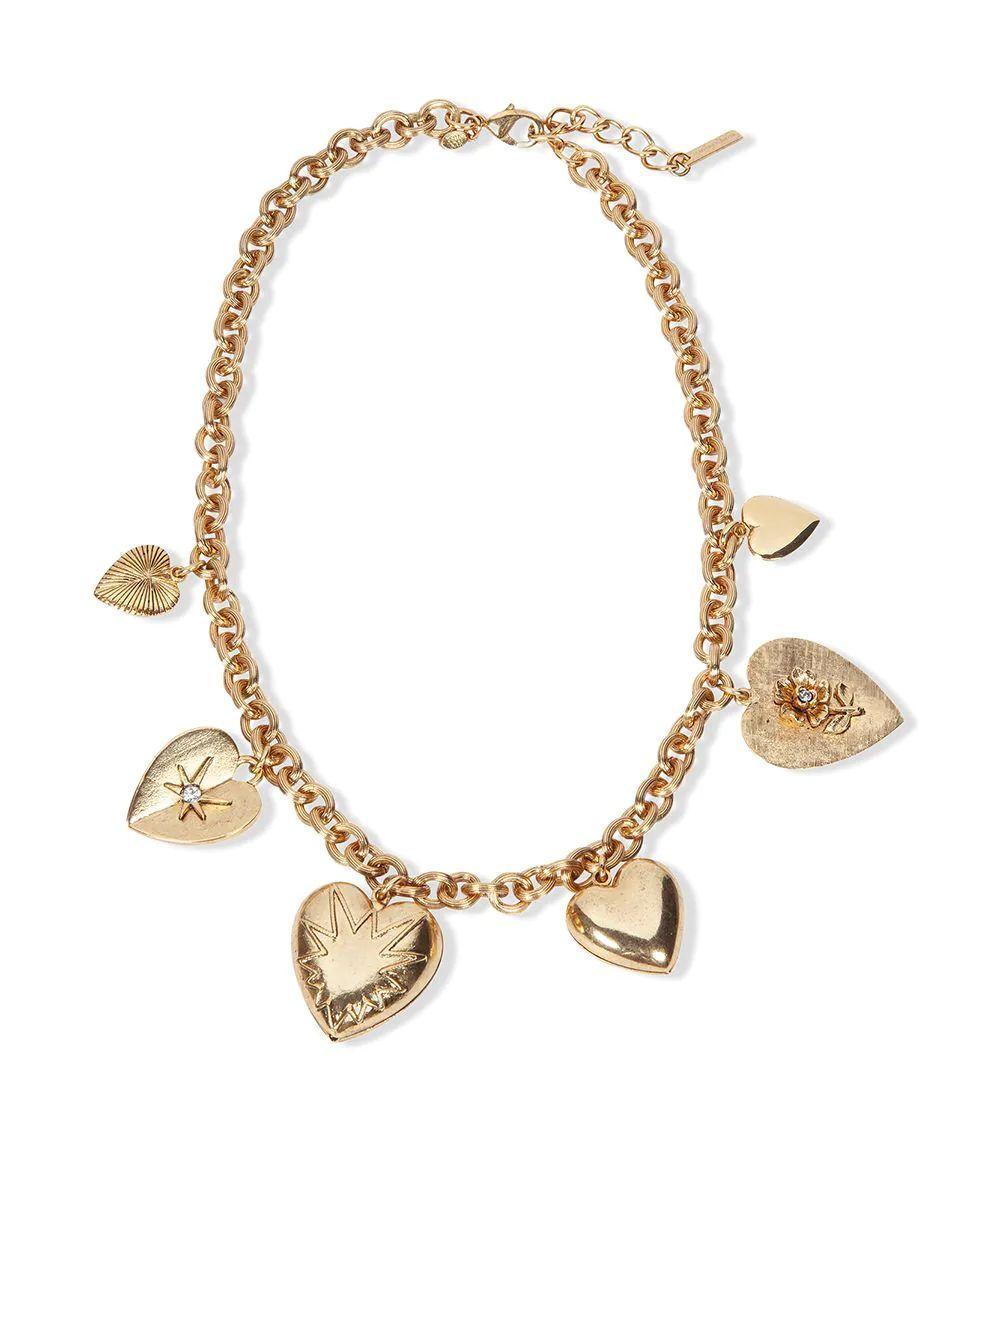 Avila Heart Necklace Item # 111PC6